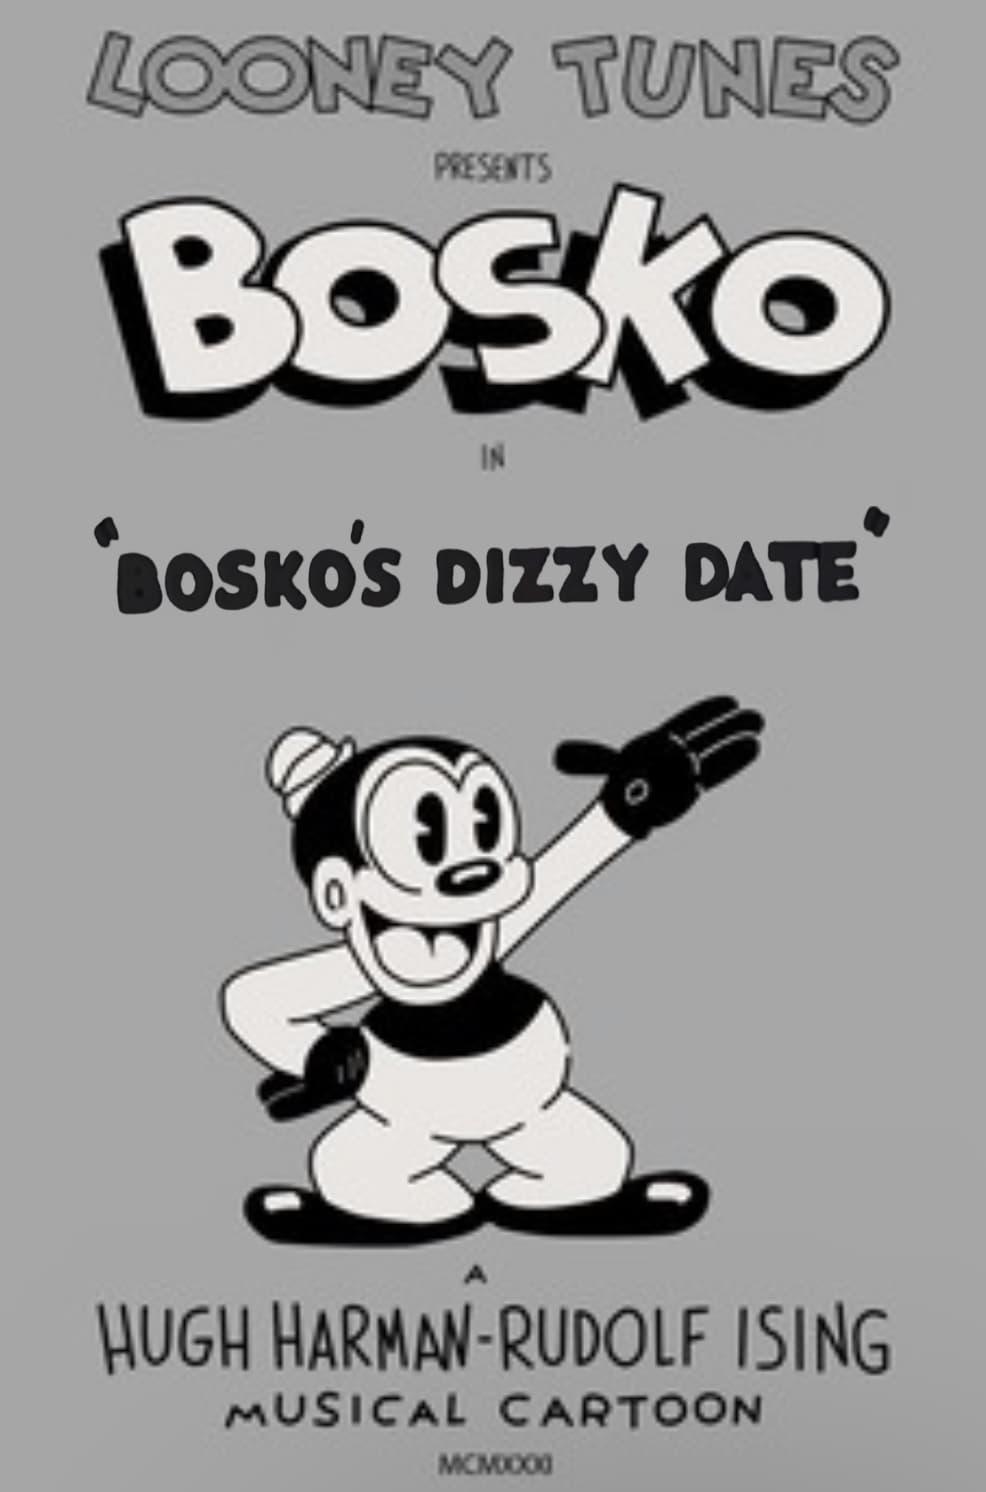 Bosko's Dizzy Date